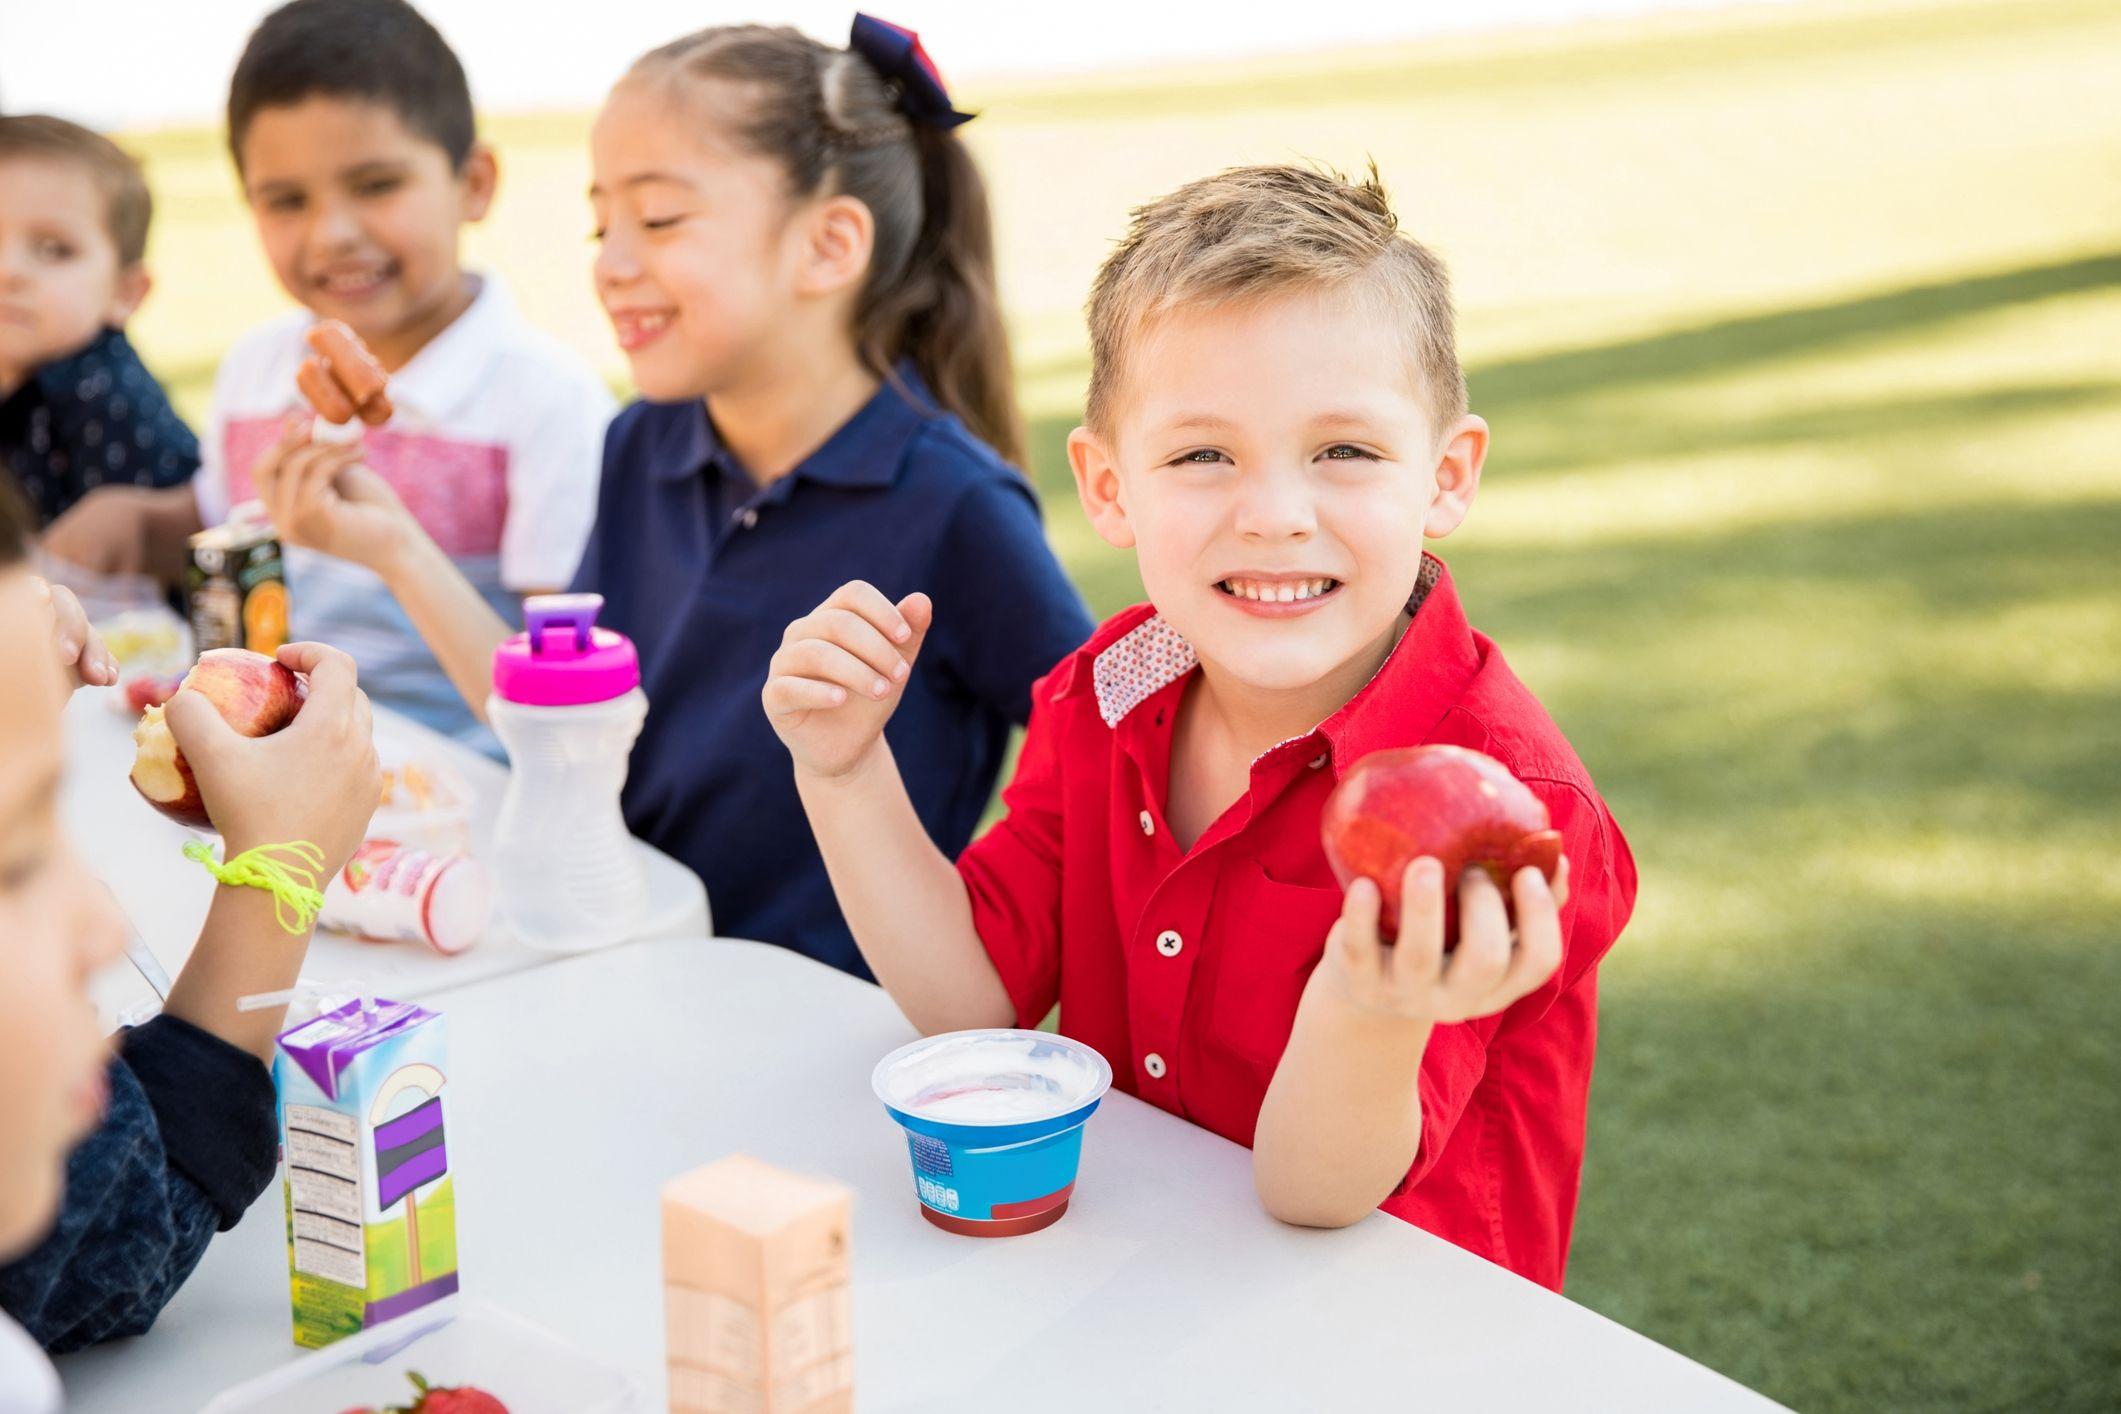 Acompaña fruta con un yoghurt natural y dale a tus hijos una merienda sana y nutritiva.